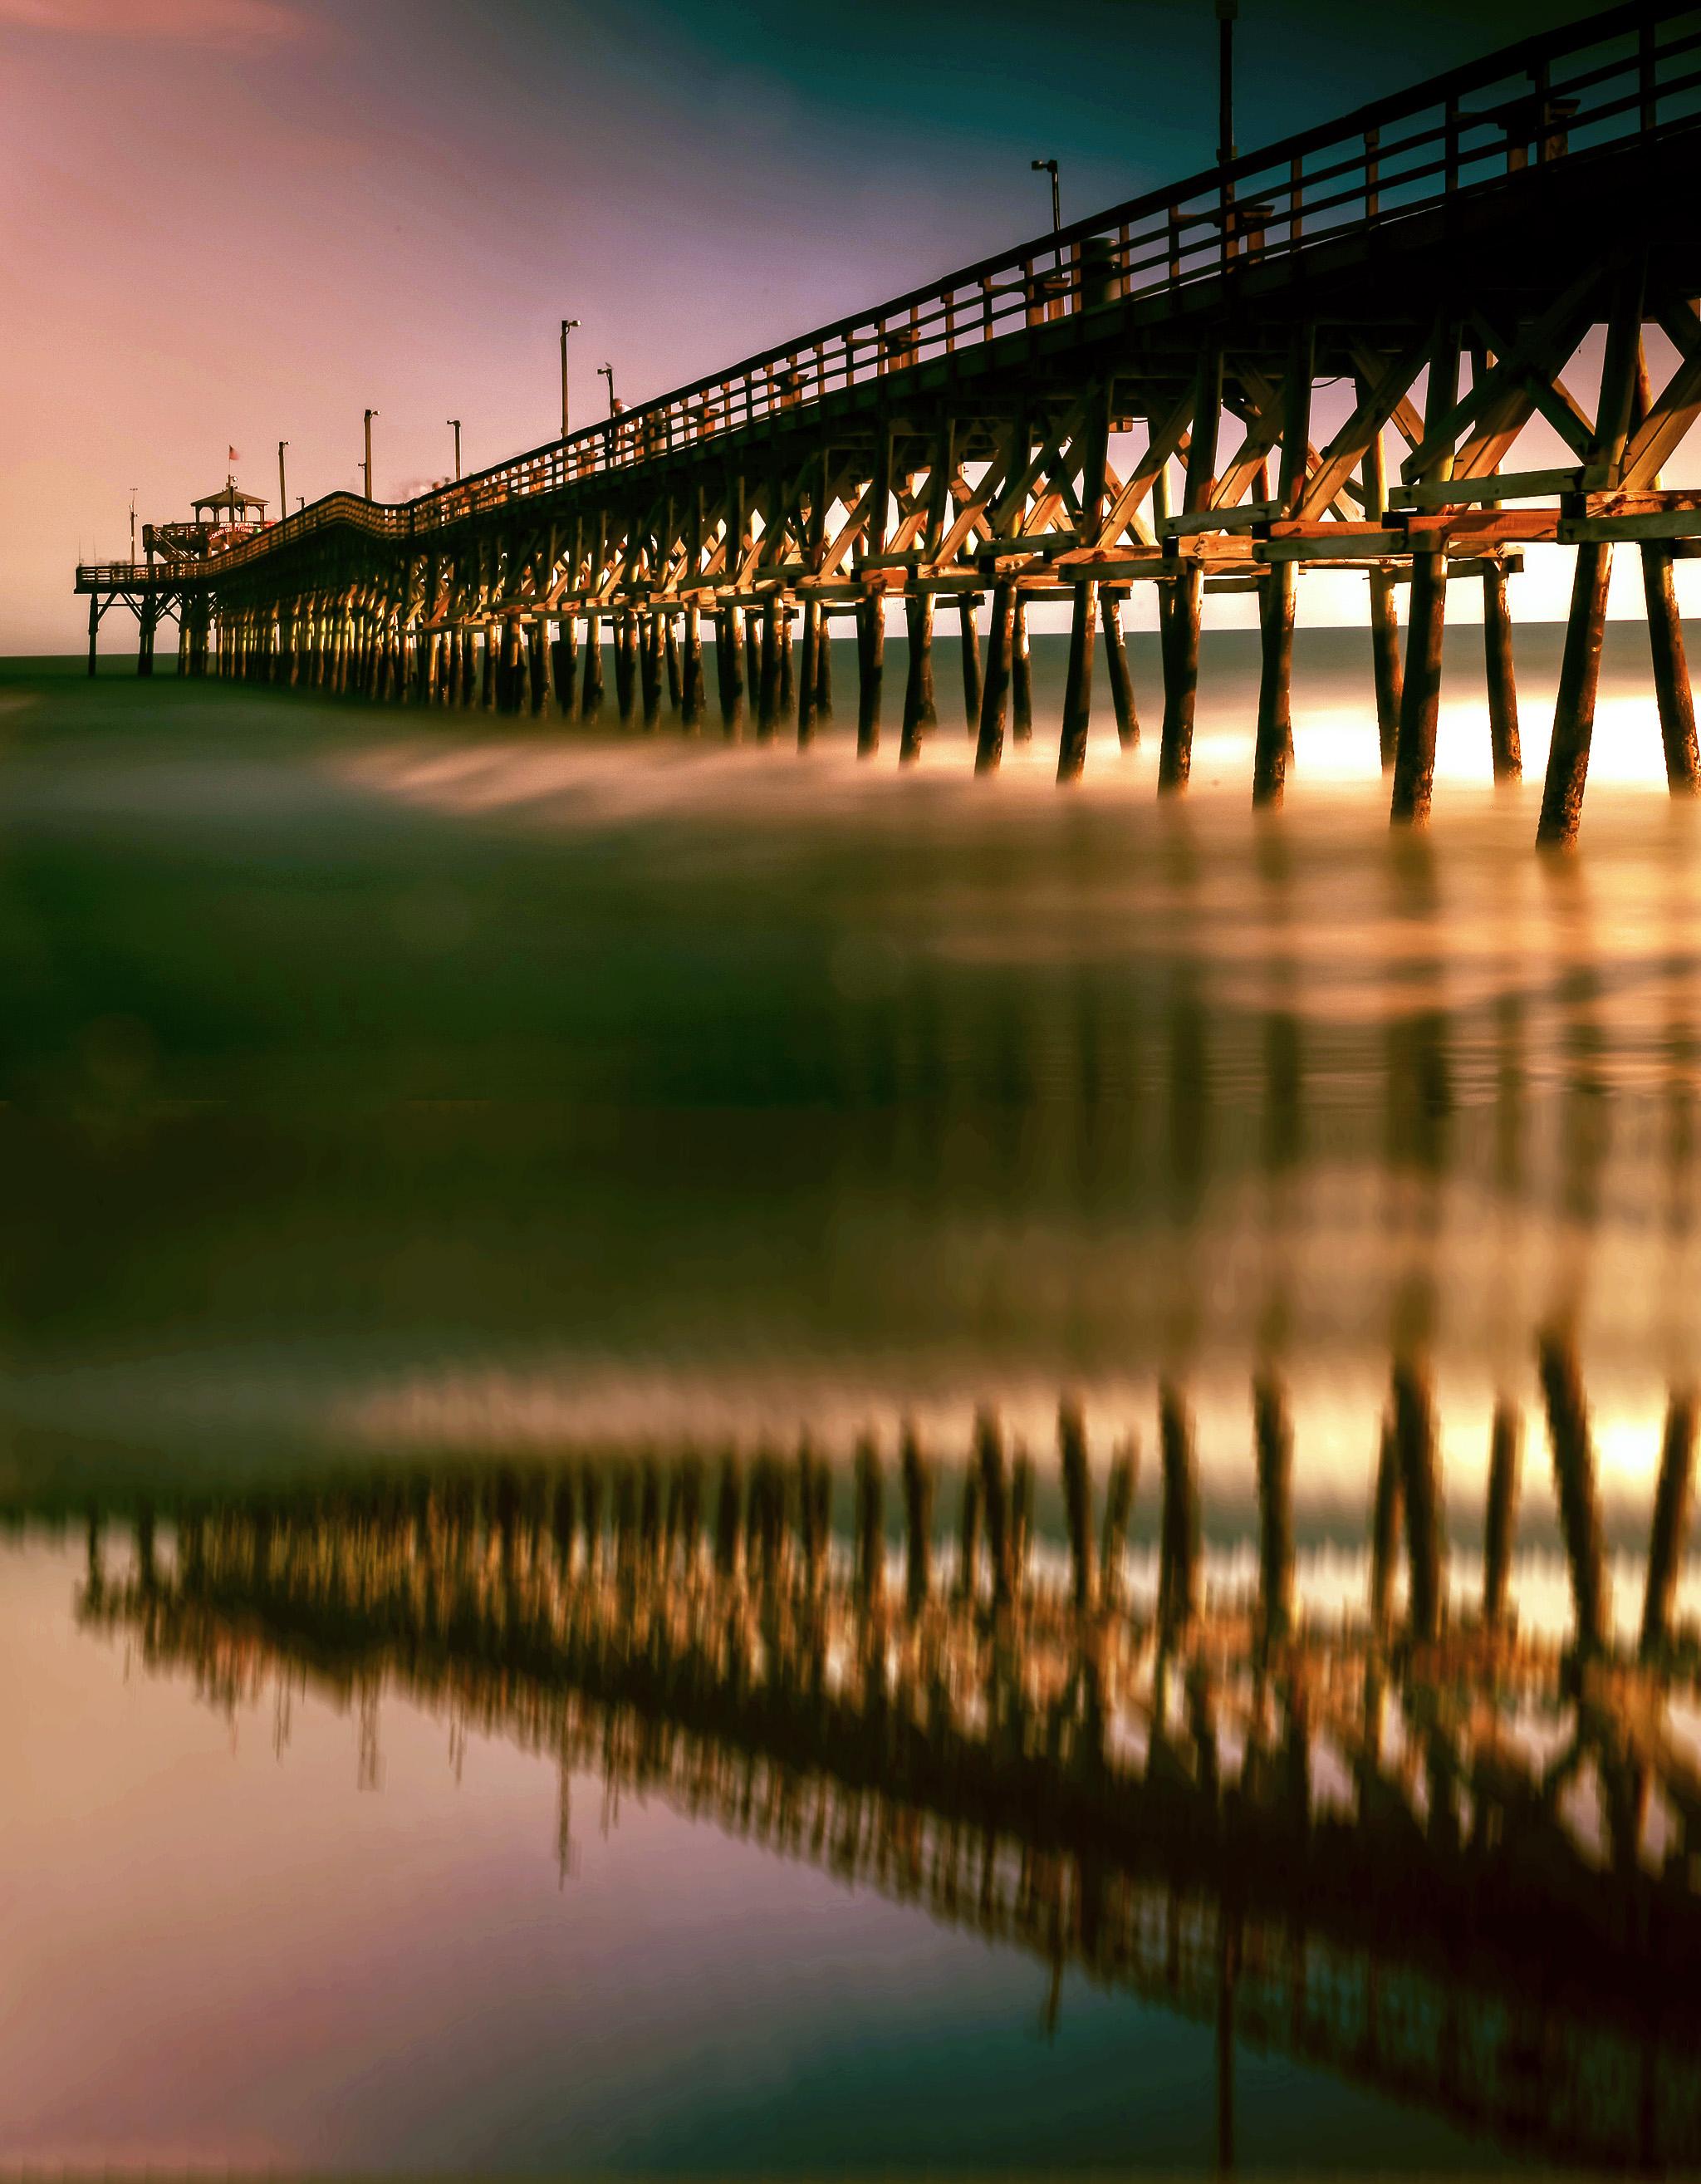 58059A - Cherry Grove Pier Reflectio